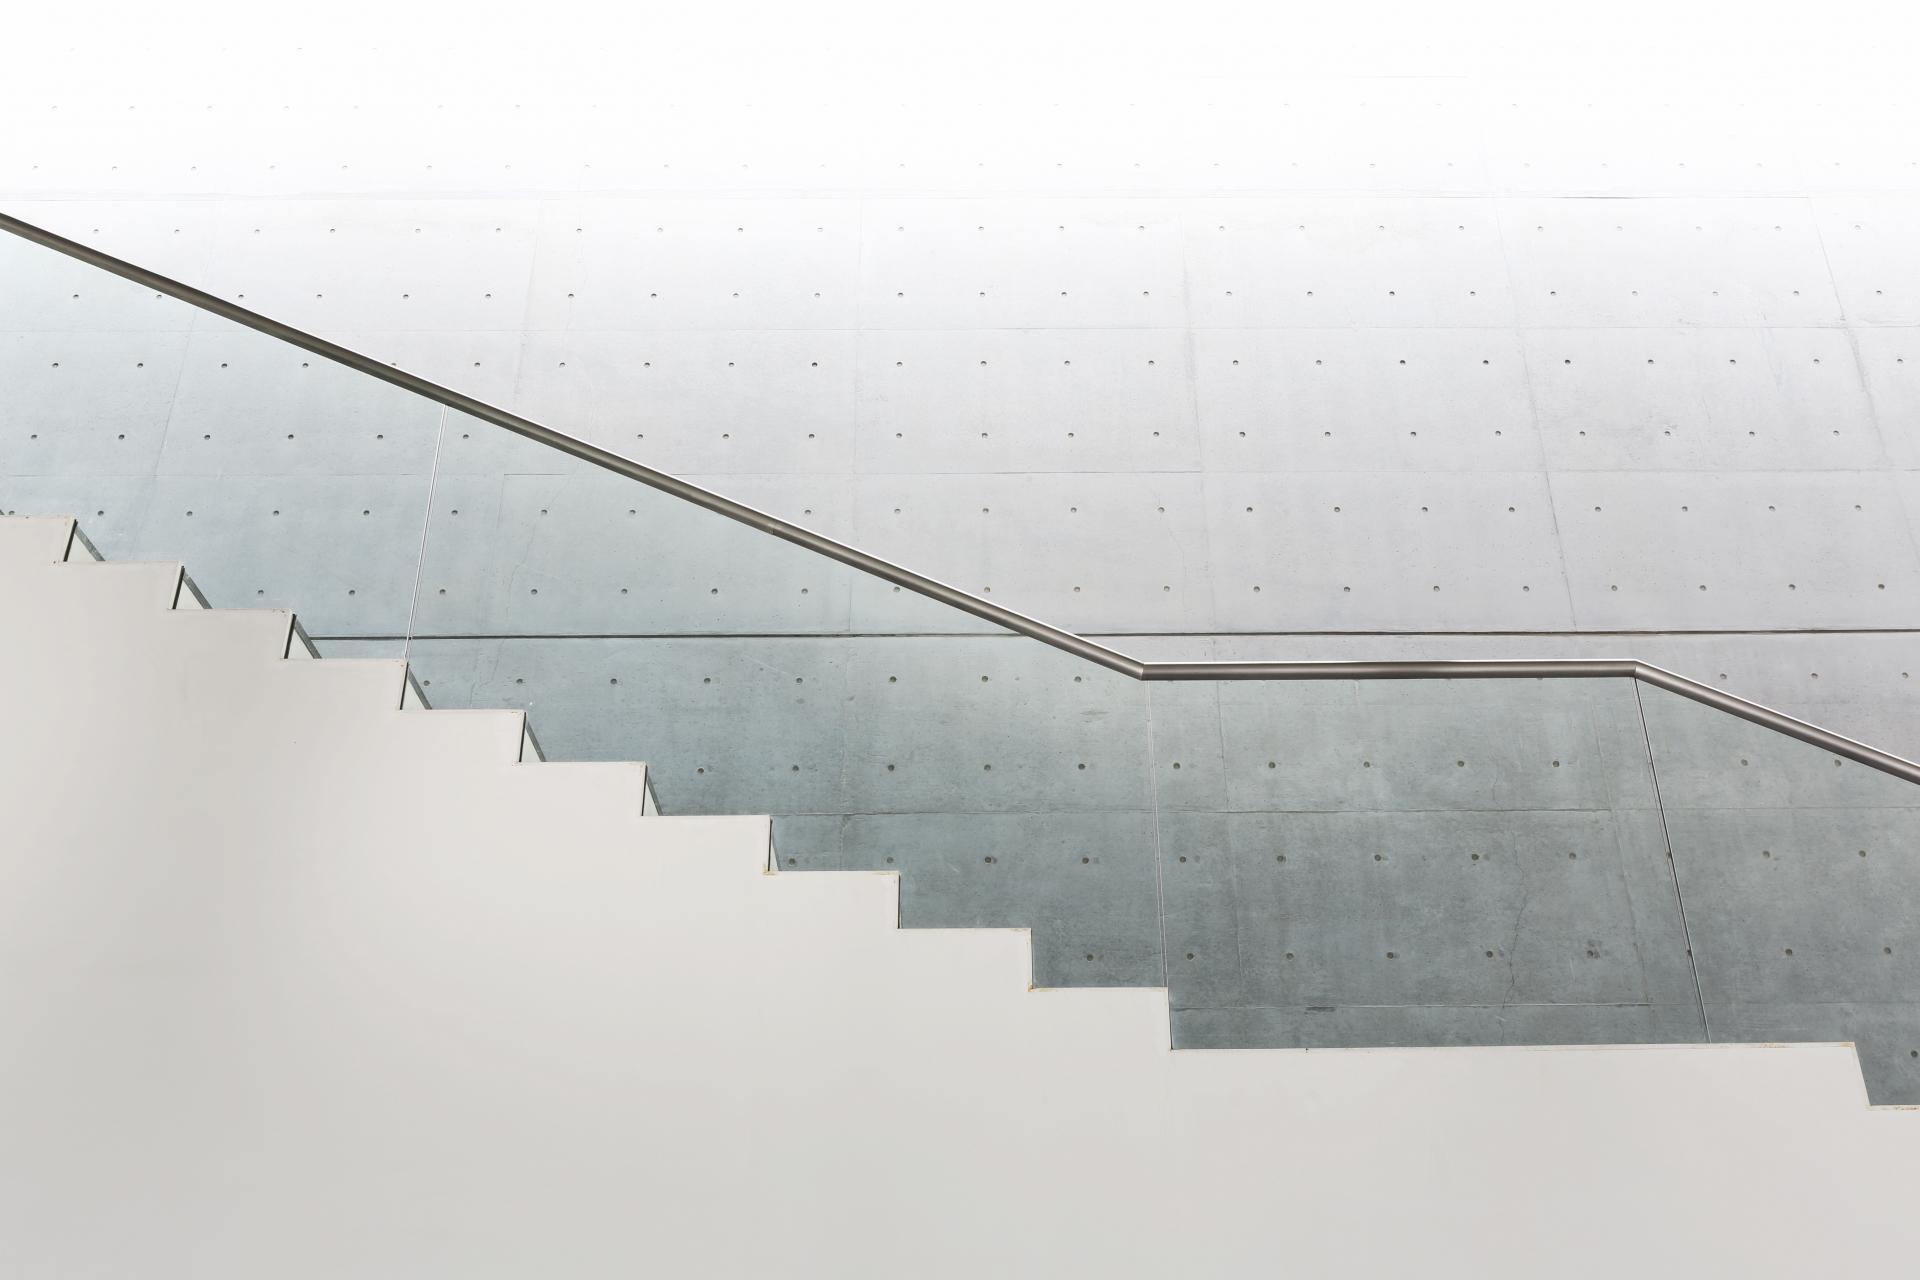 なるべく階段を昇り降りしない、平屋のような「1階完結型の間取り」を理想とする